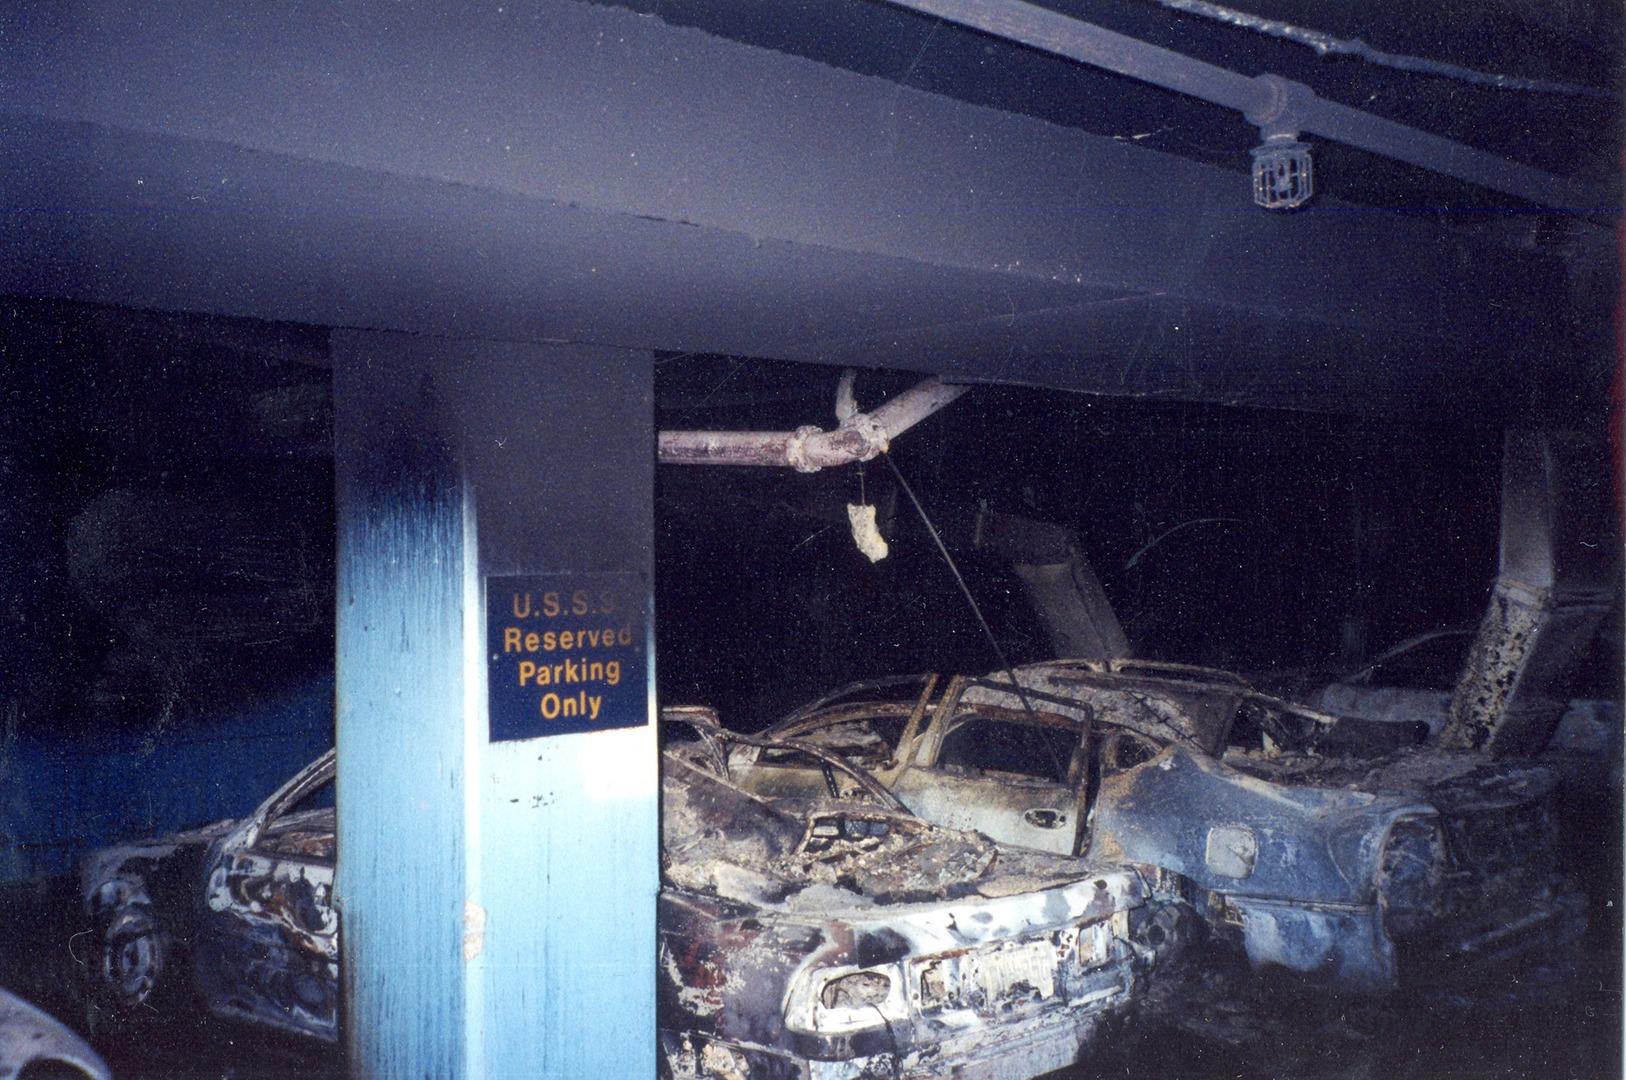 لم يرها أحد بعد.. الخدمة السرية الأمريكية تنشر صورا توثق هجمات 11 سبتمبر